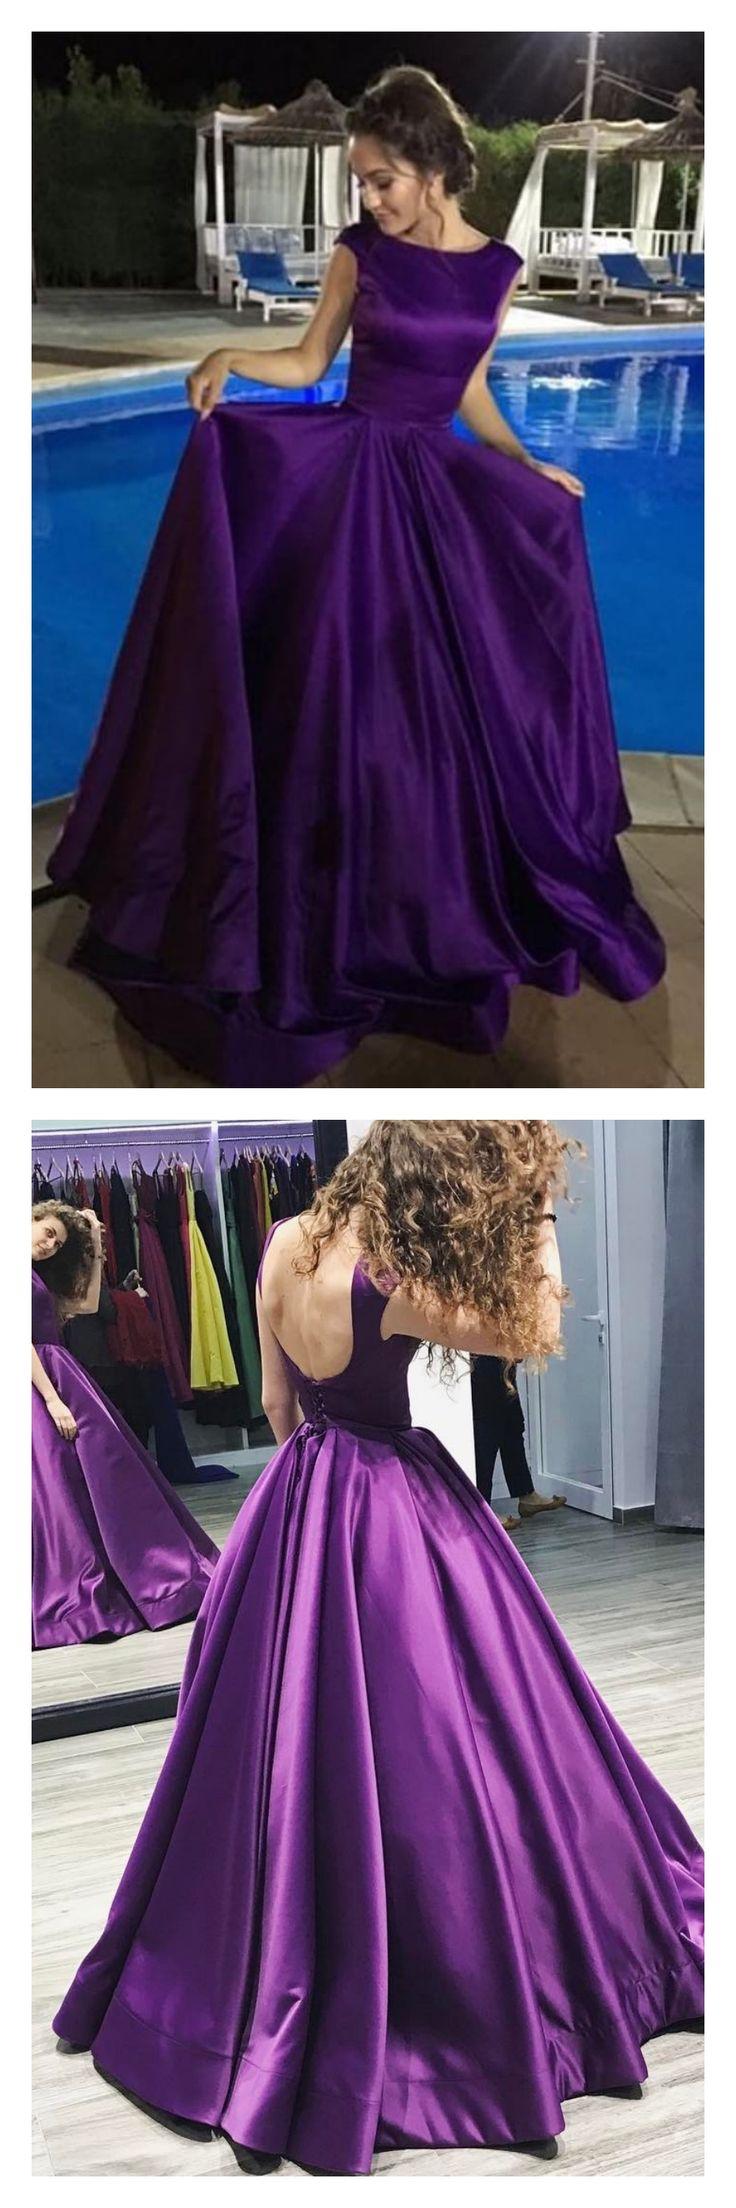 232 best don modelleri images on Pinterest | Classy dress, Cute ...